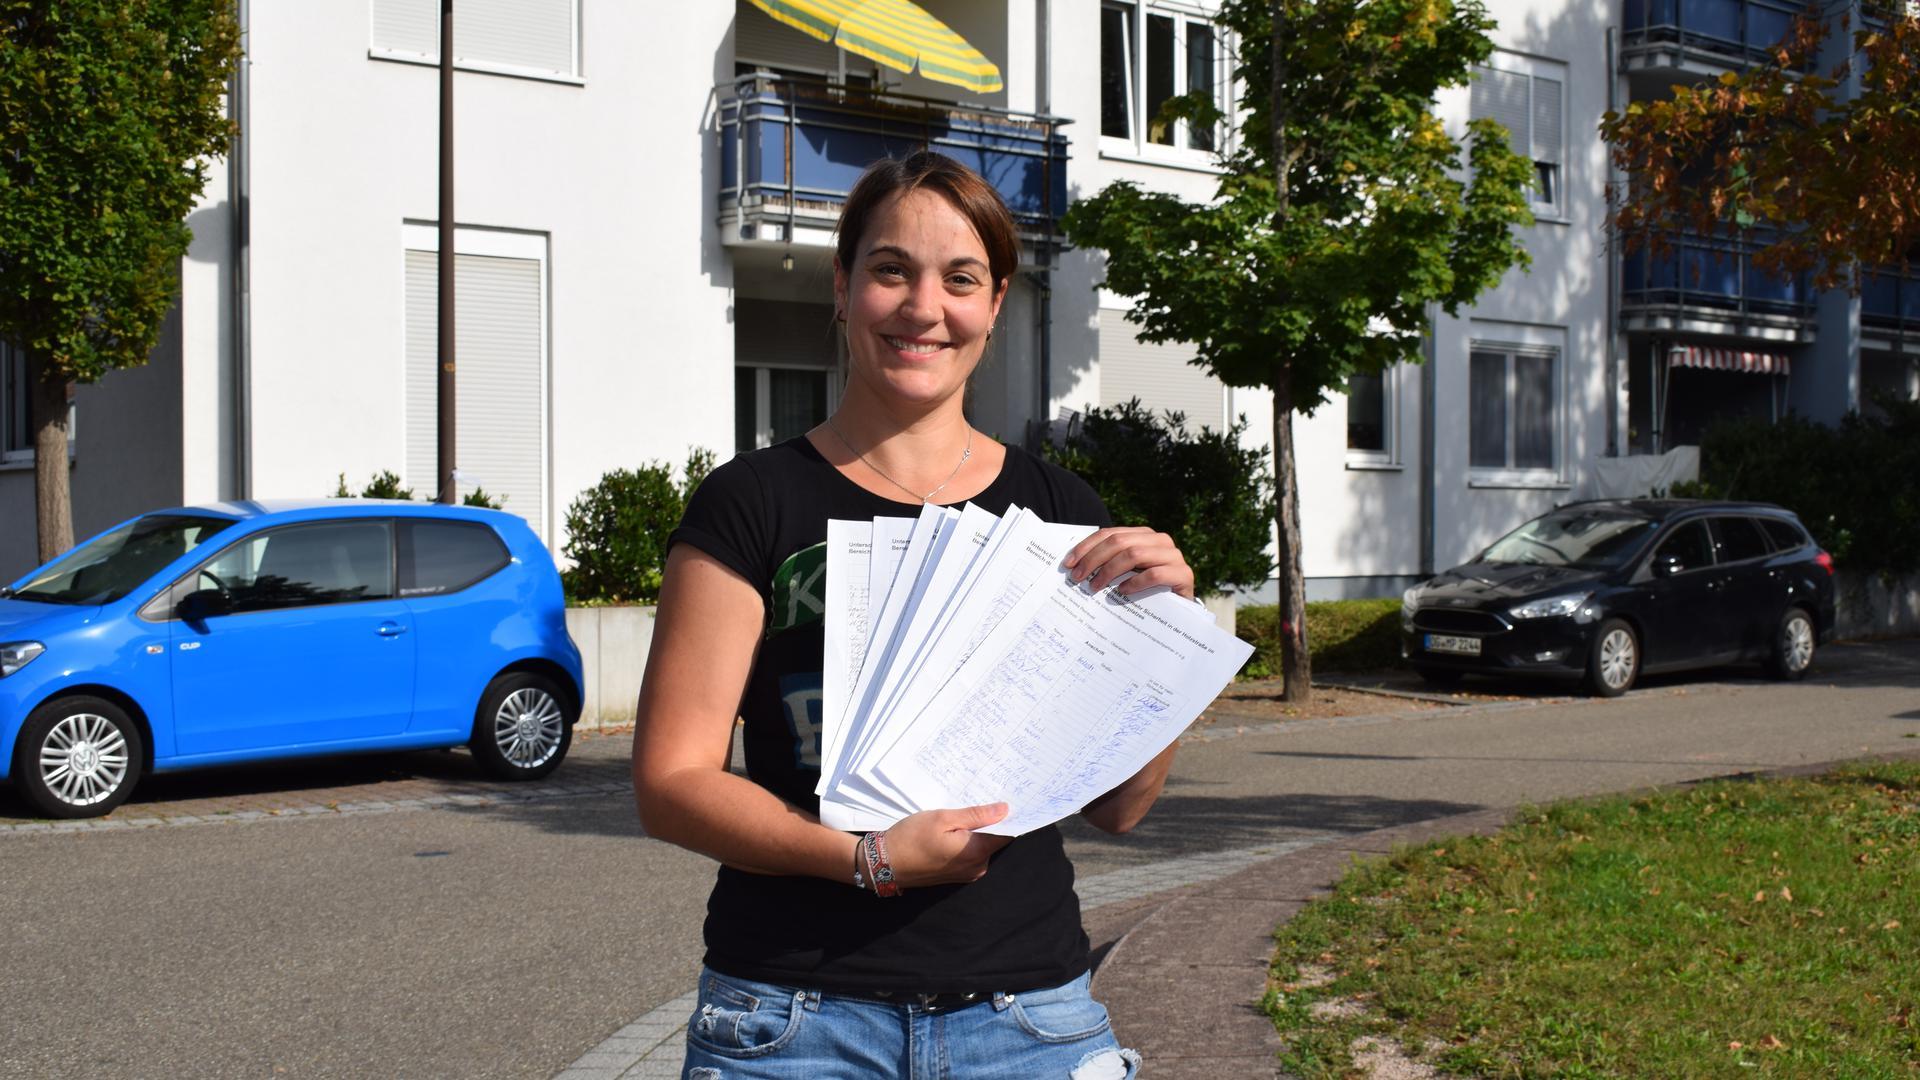 Teresa Reinbold sammelt Unterschriften für eine Verbesserung der Verkehrssituation am Dichmüllerplatz in Oberachern.